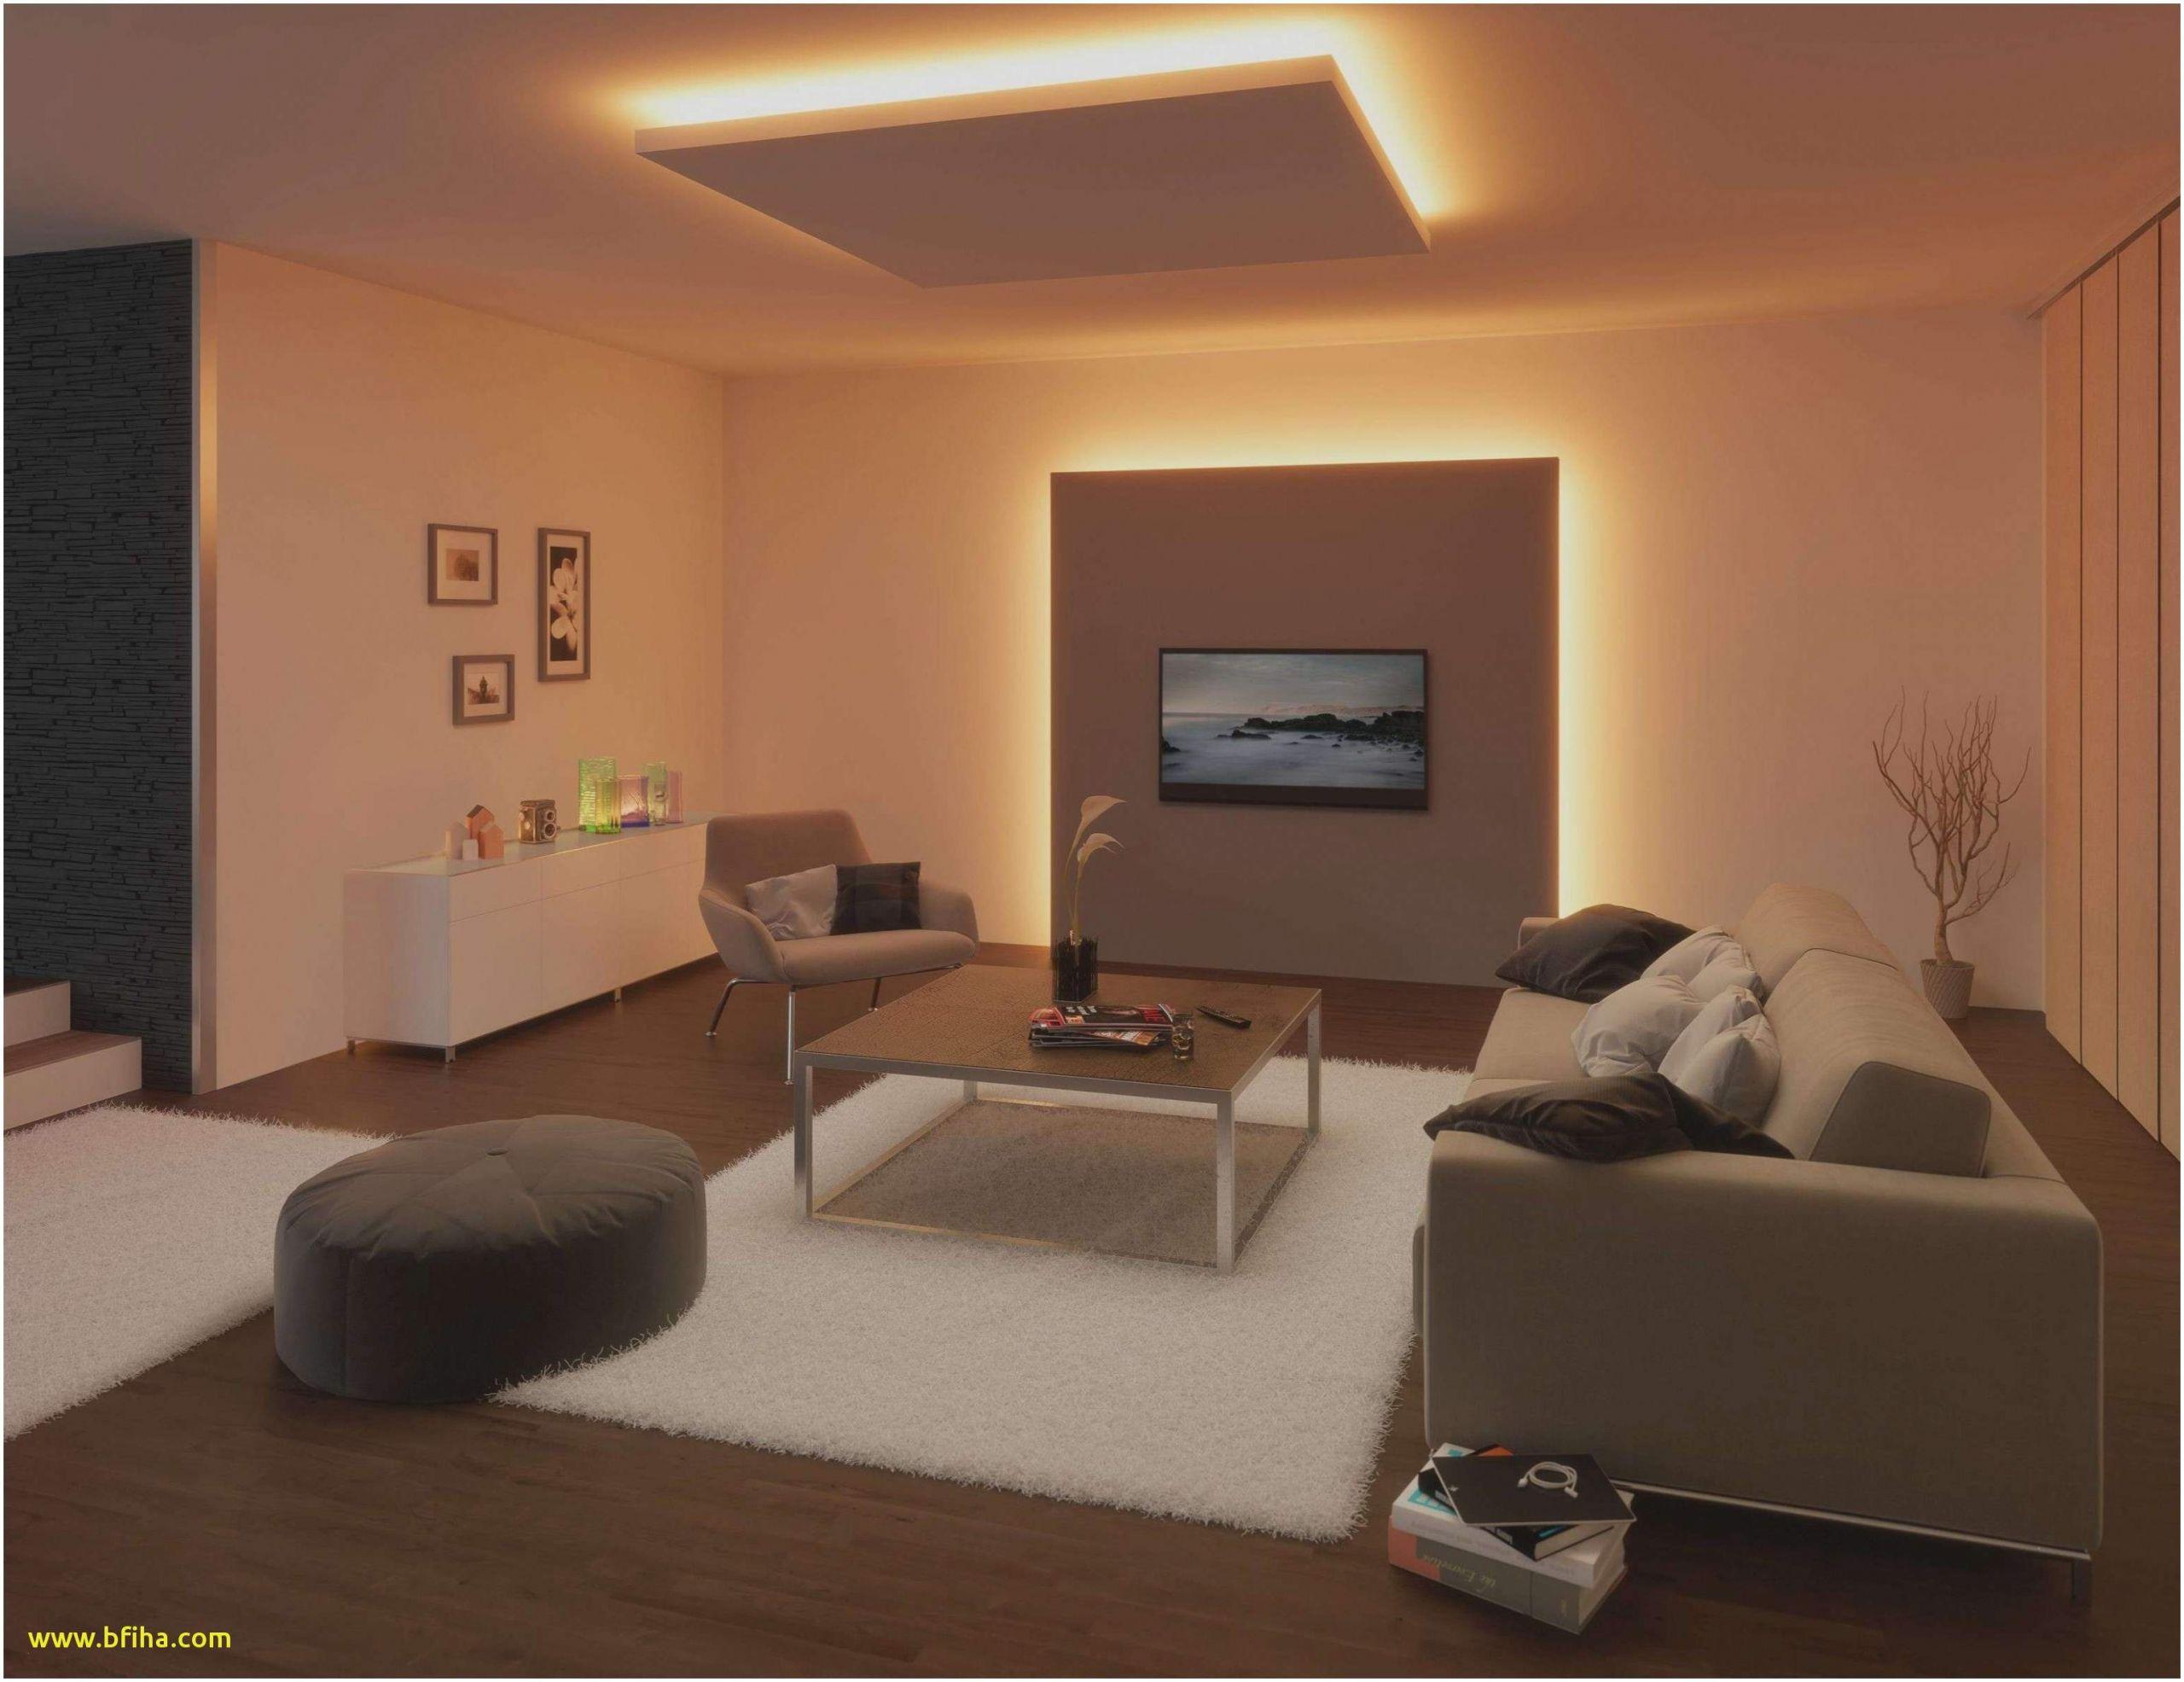 deckenspots wohnzimmer einzigartig spots wohnzimmer luxus designer lampen of deckenspots wohnzimmer scaled